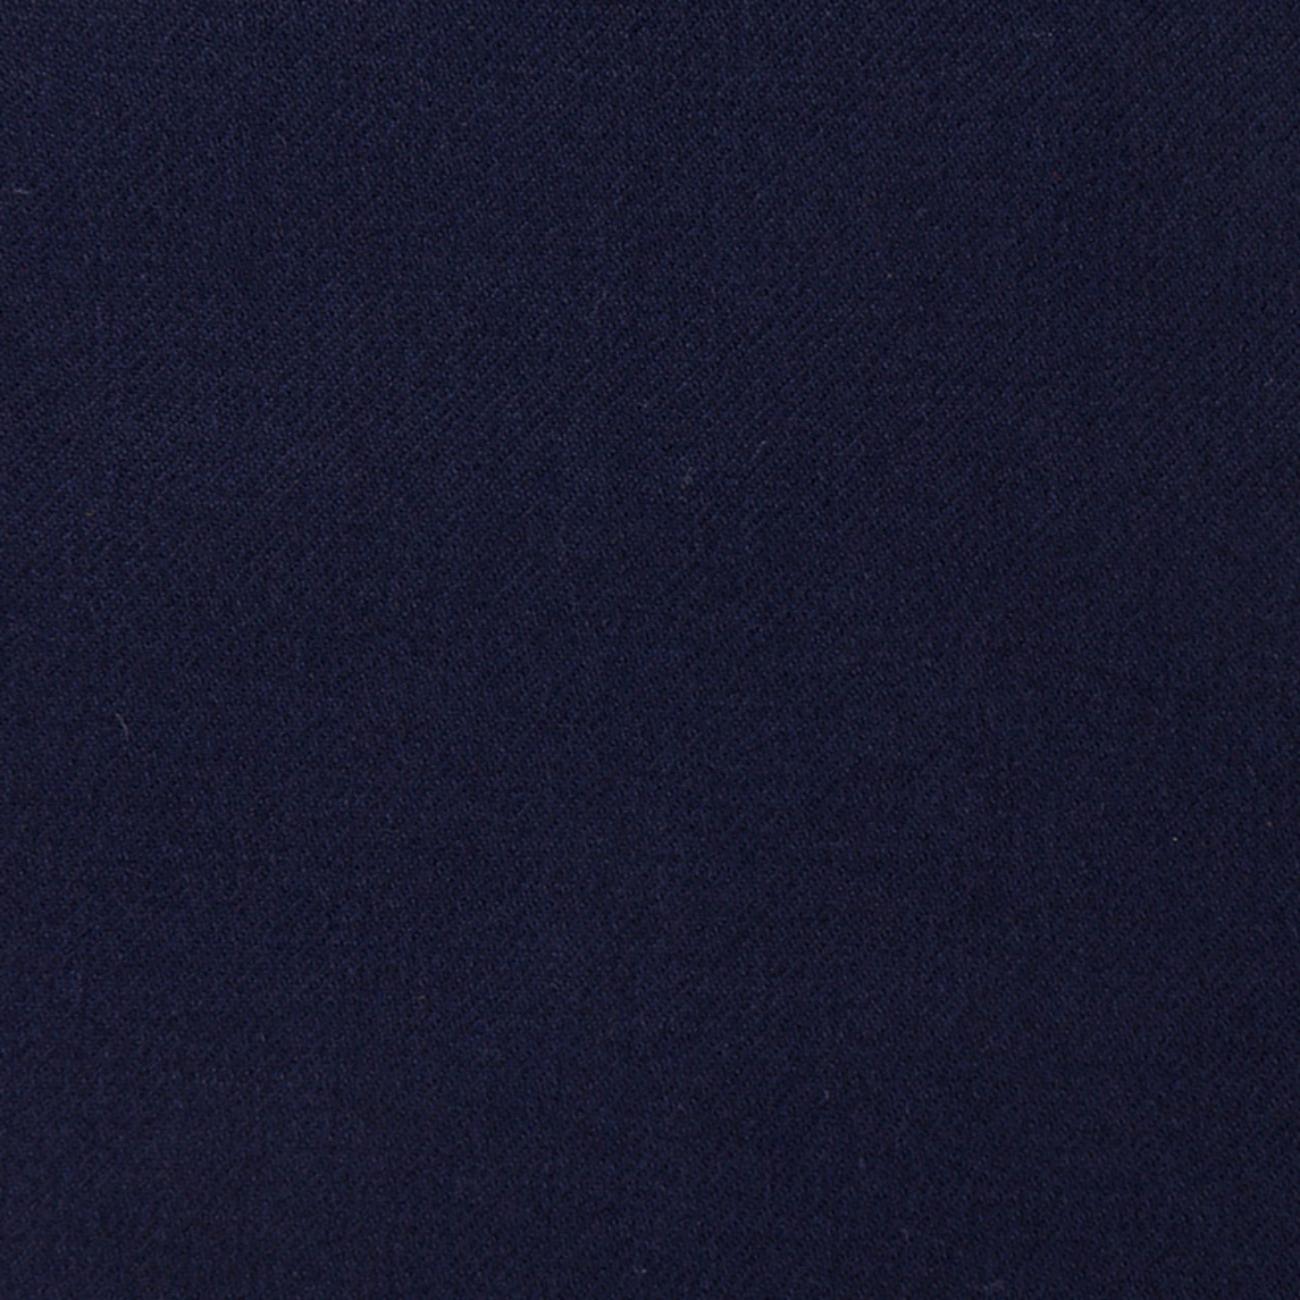 毛纺 素色 羊毛 染色 薄 精仿 西装 职业装 春秋 女装 男装 71122-17